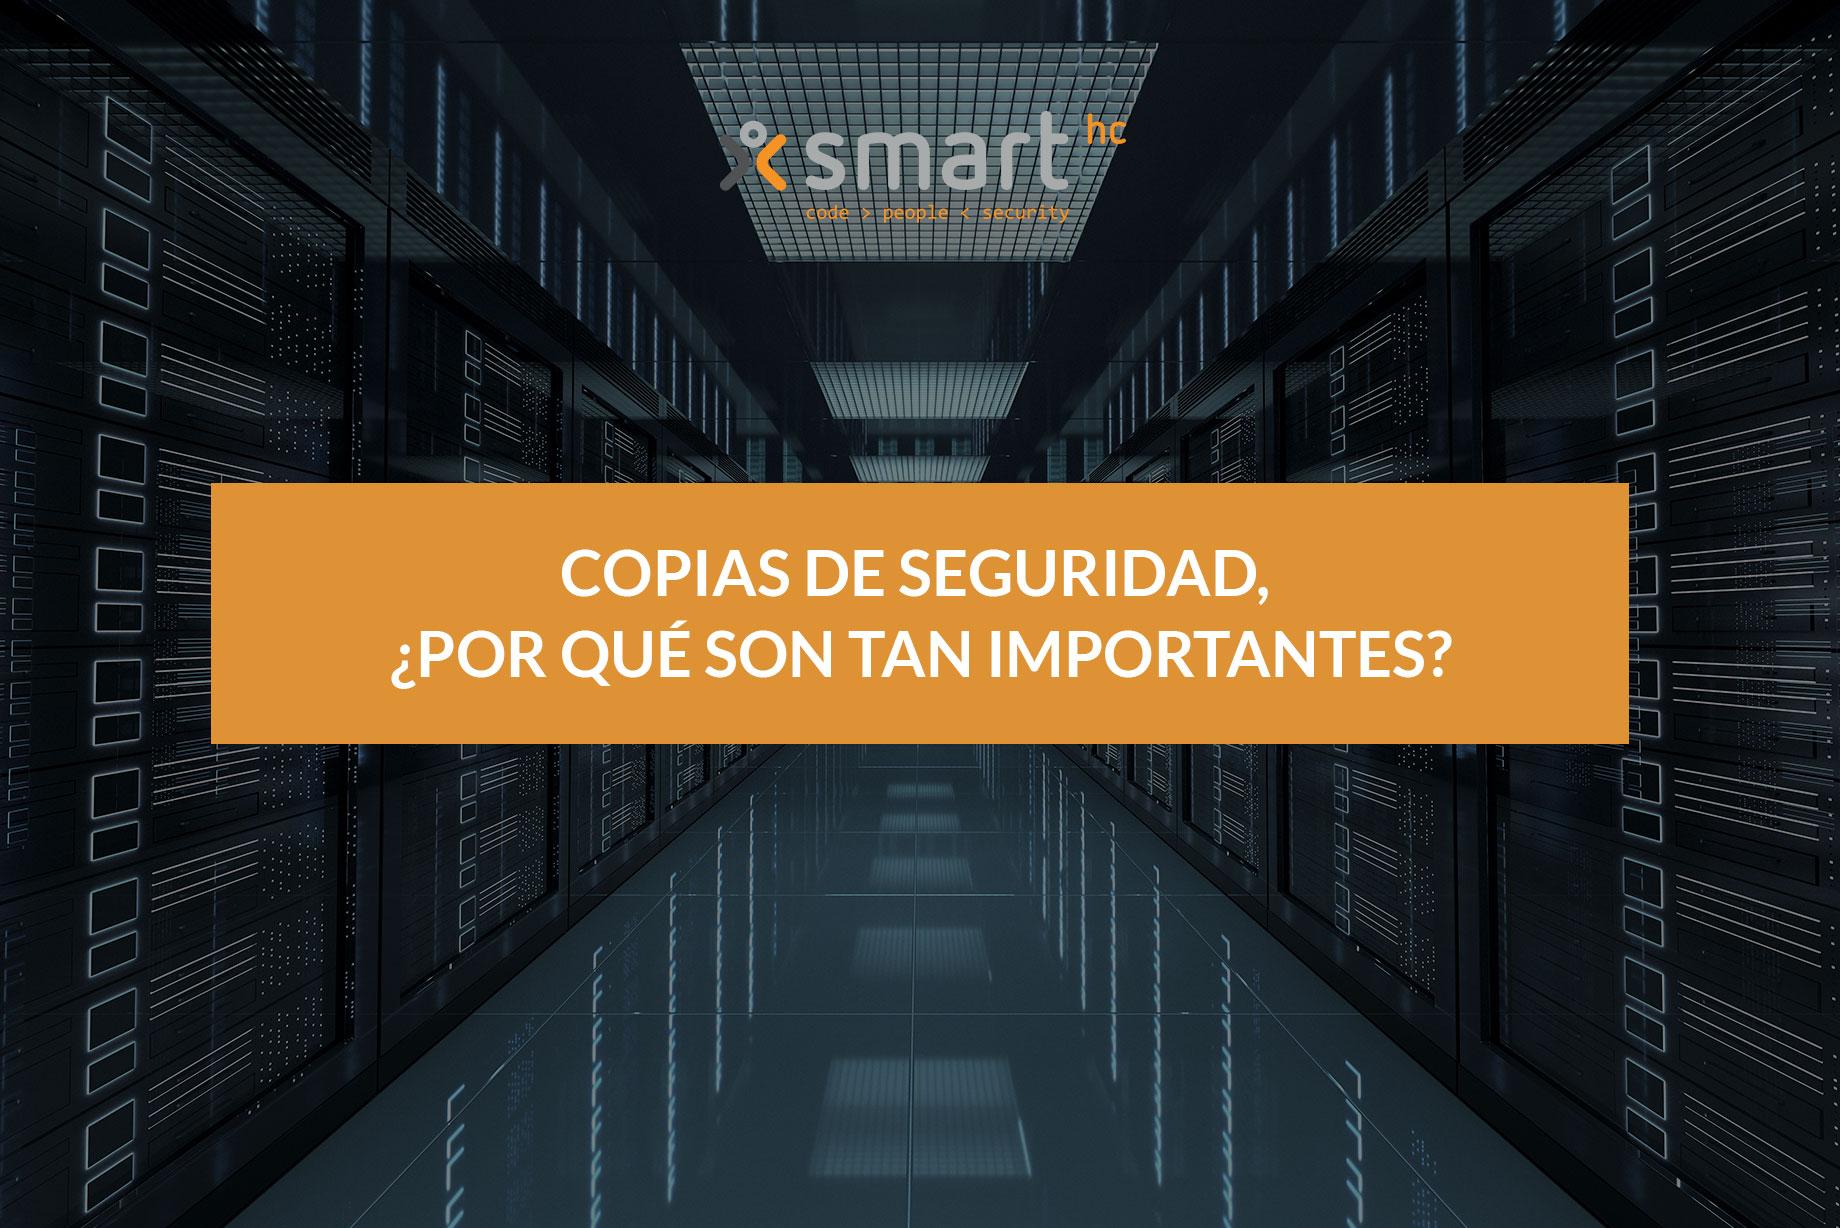 SHC_Copias_Seguridad